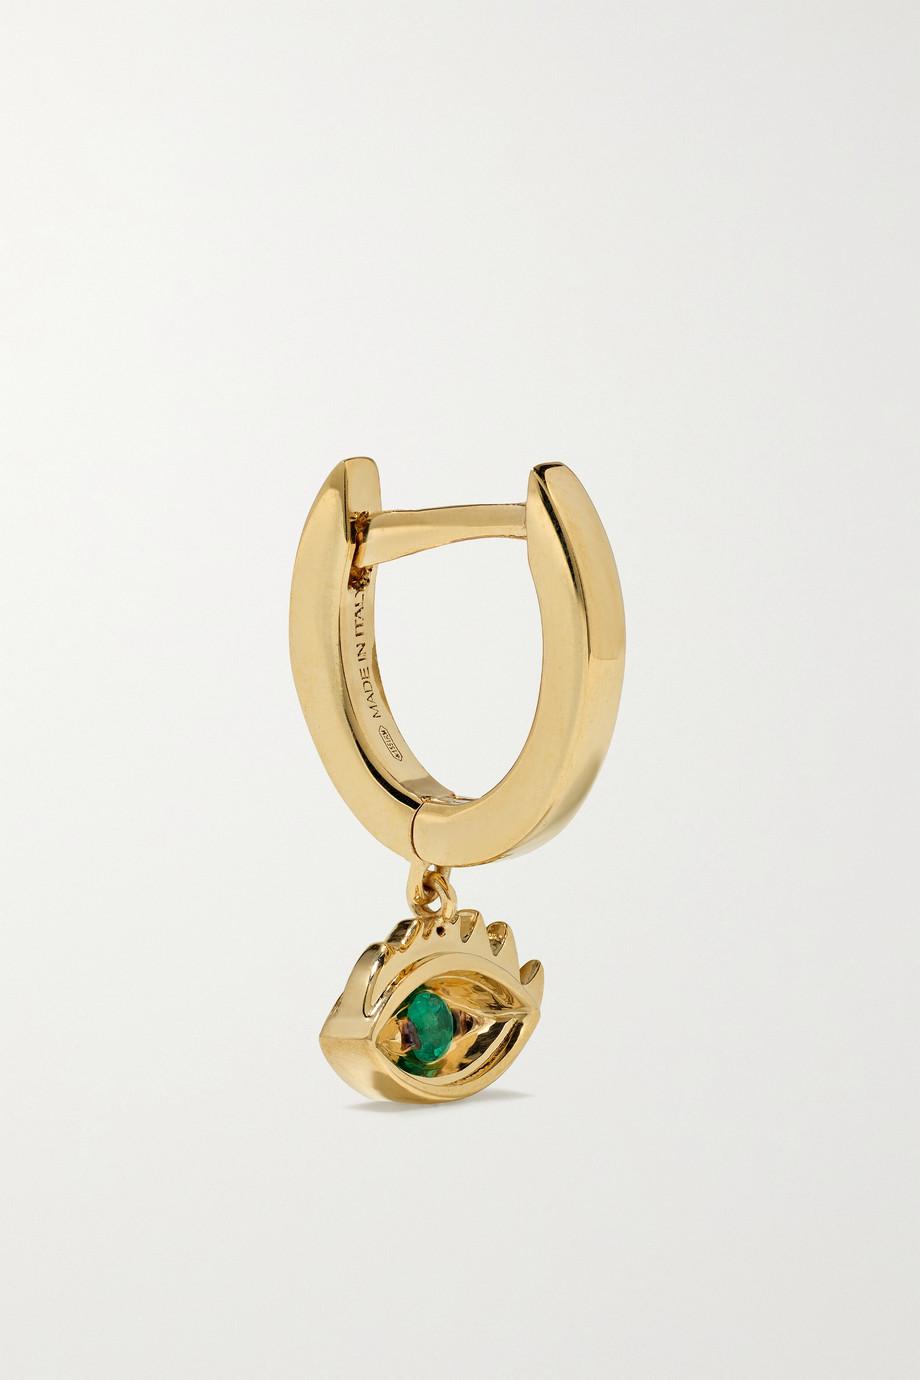 Delfina Delettrez Boucle d'oreille en or 18 carats et émeraudes